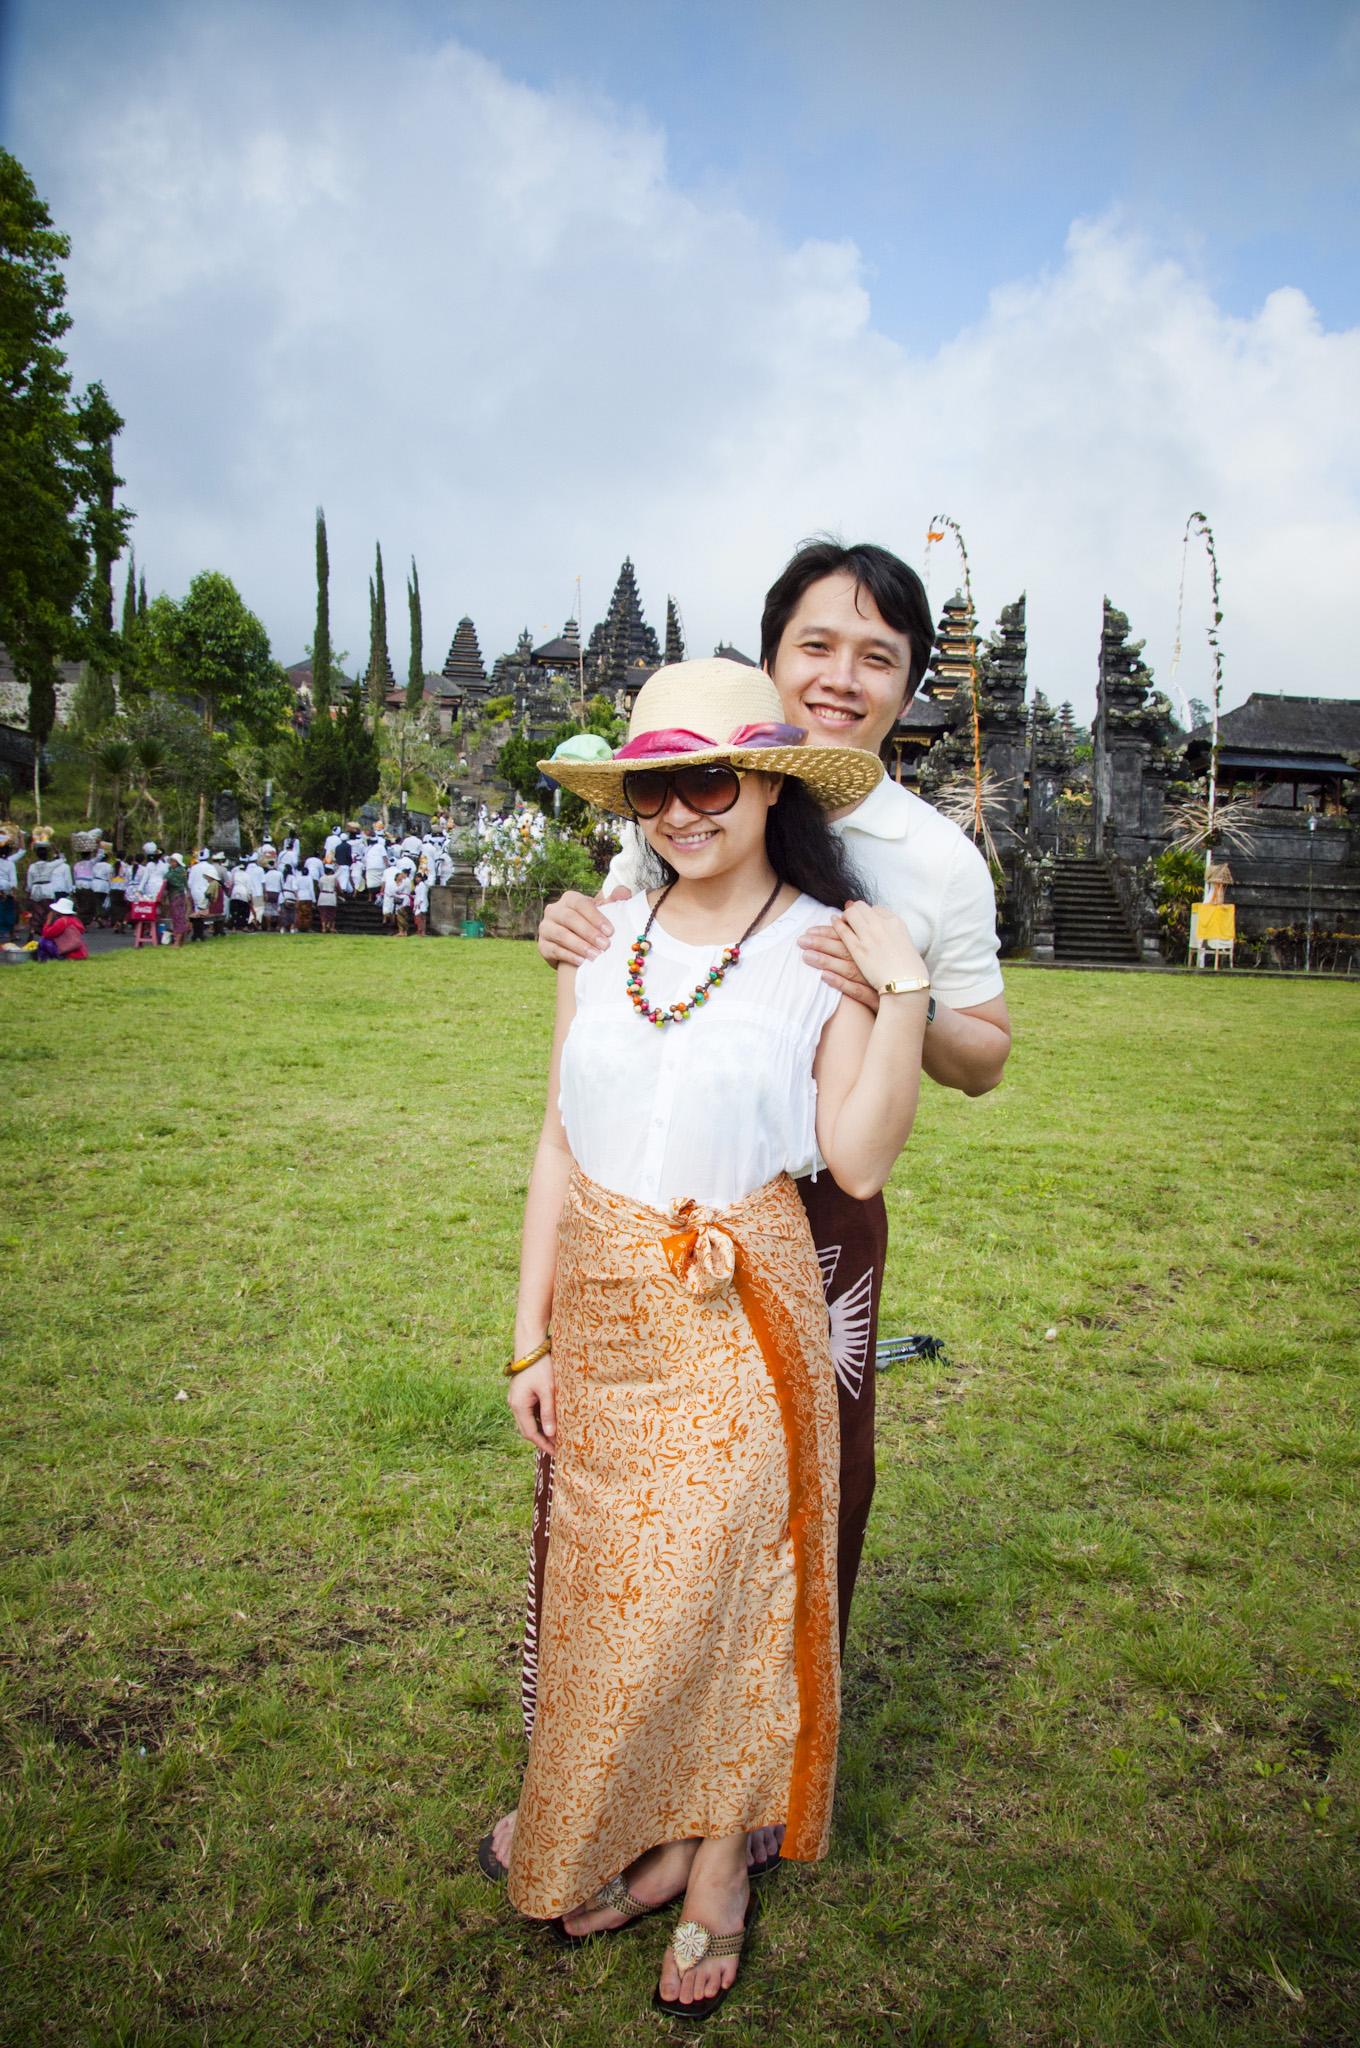 Bali Nov '11 no.129